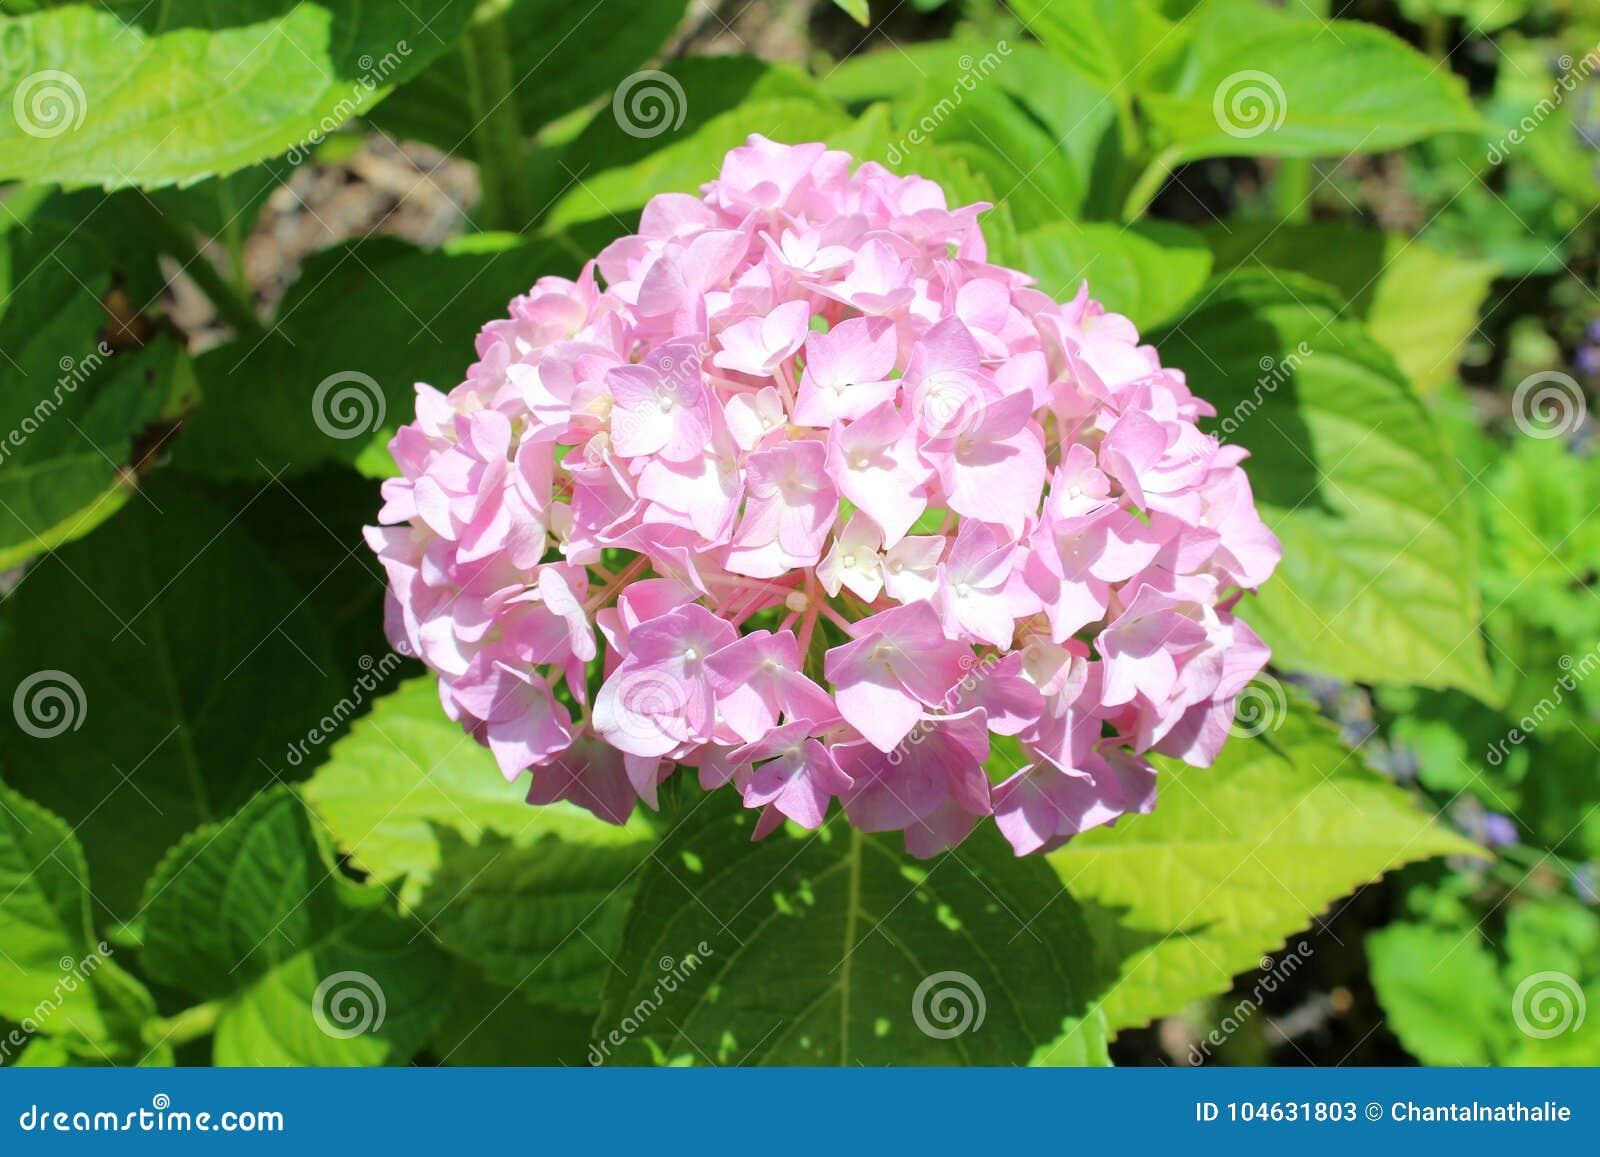 Download De Mooie Bloemen Van De Hydrangea Hortensia Stock Afbeelding - Afbeelding bestaande uit blad, gebied: 104631803